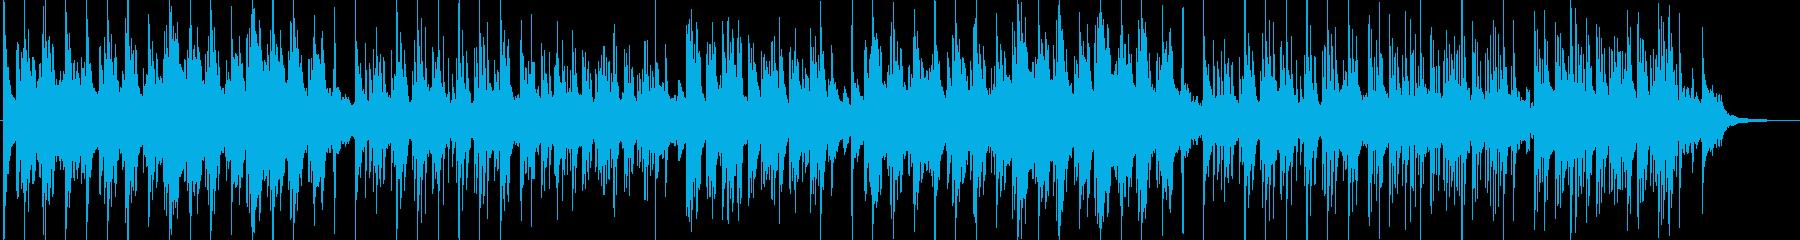 静かな夜の星★-アウトドア・自然・森の再生済みの波形